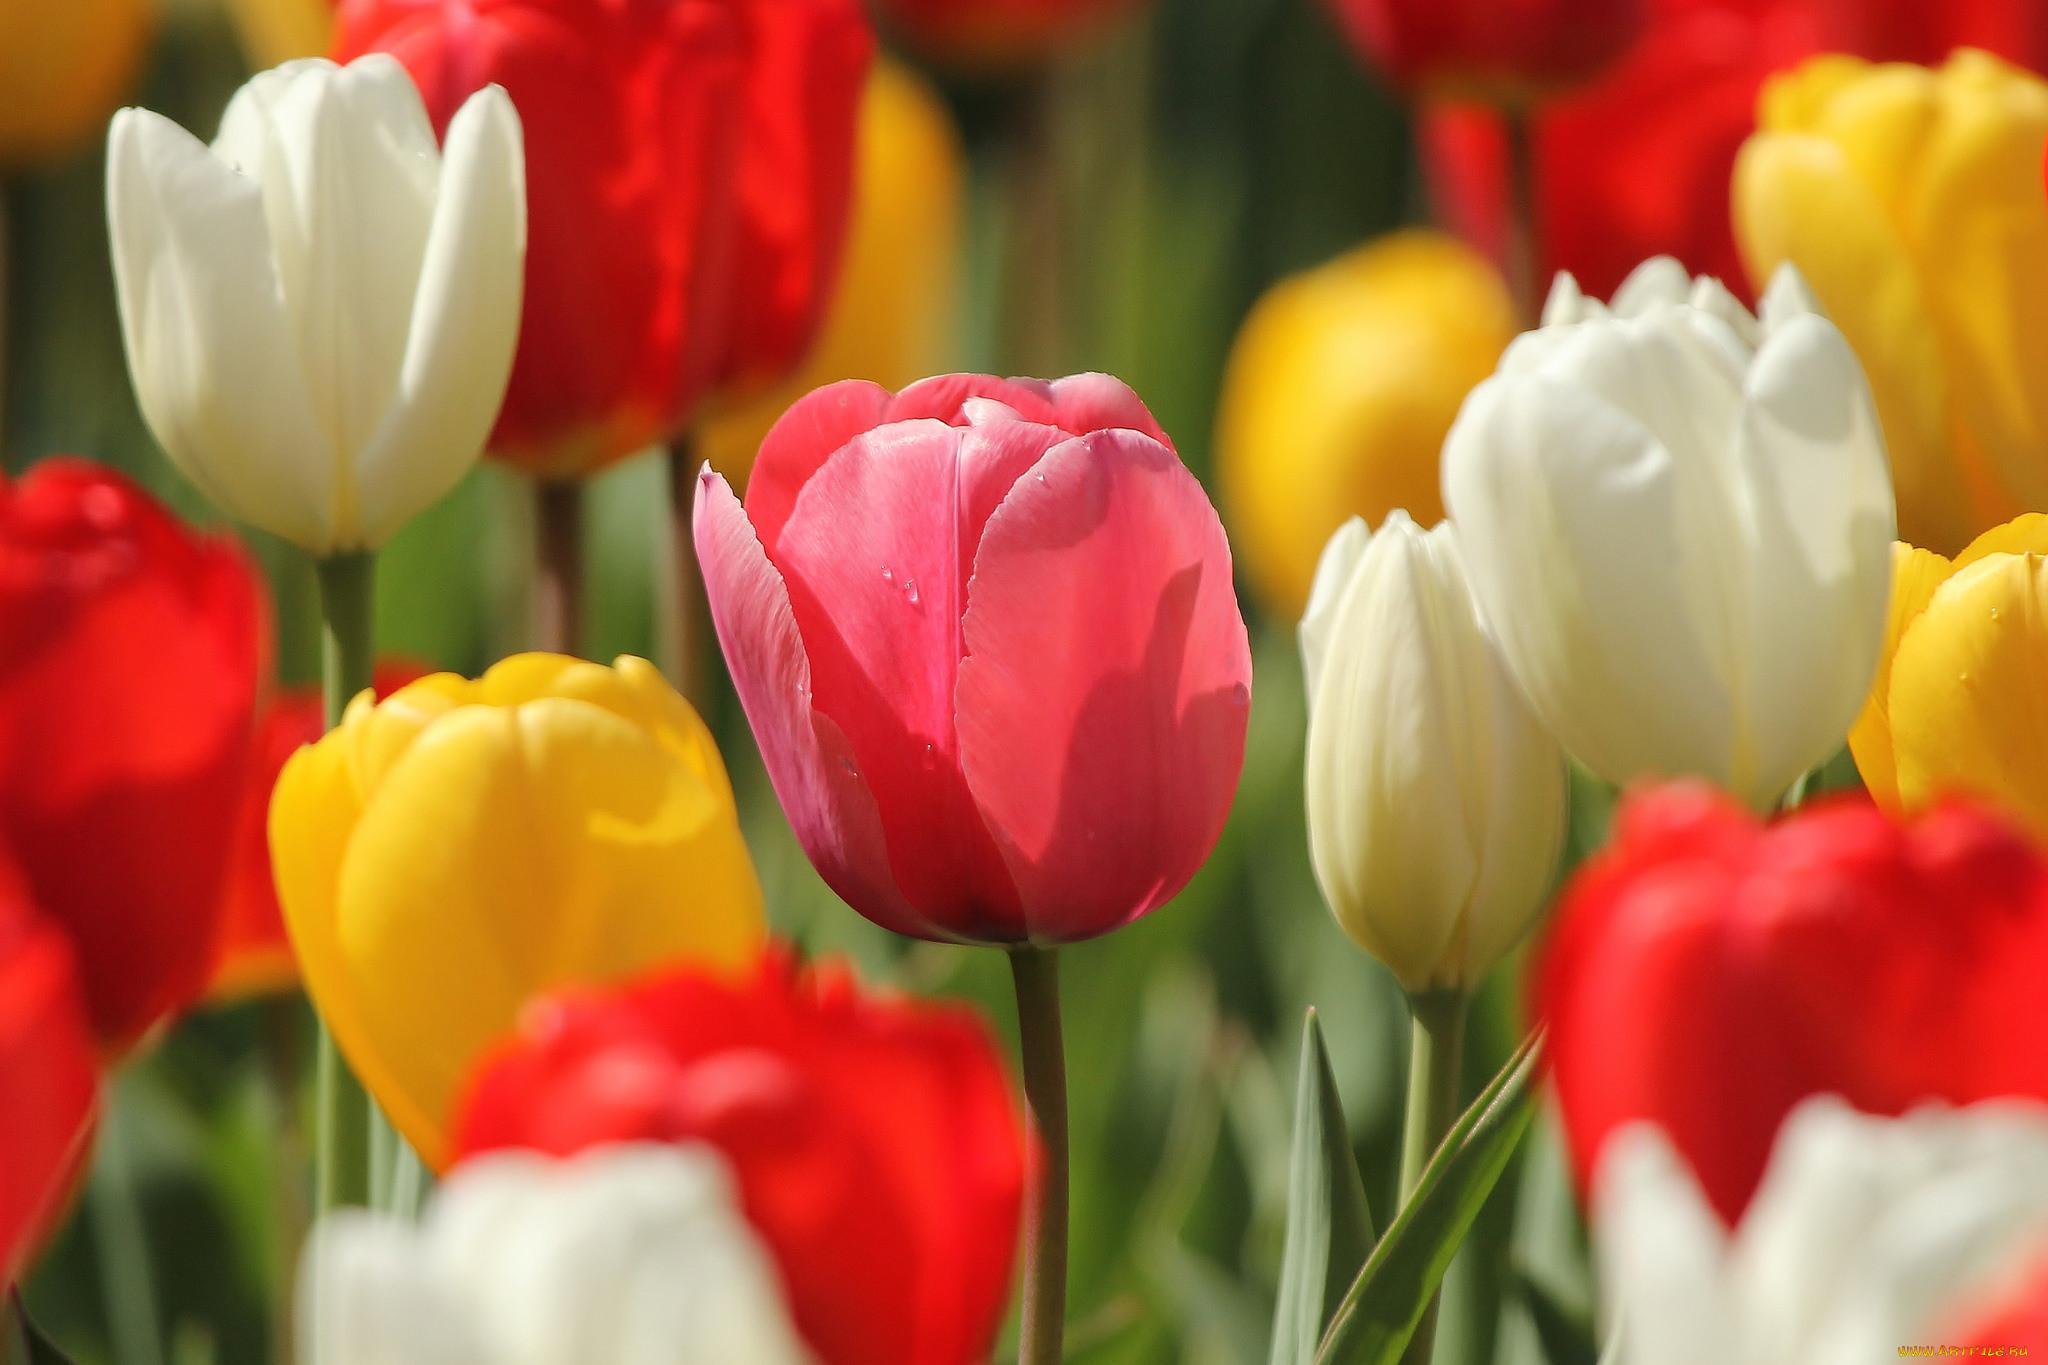 самых красивые картинки на рабочий стол весна тюльпаны приложение мягкого кинотеатра